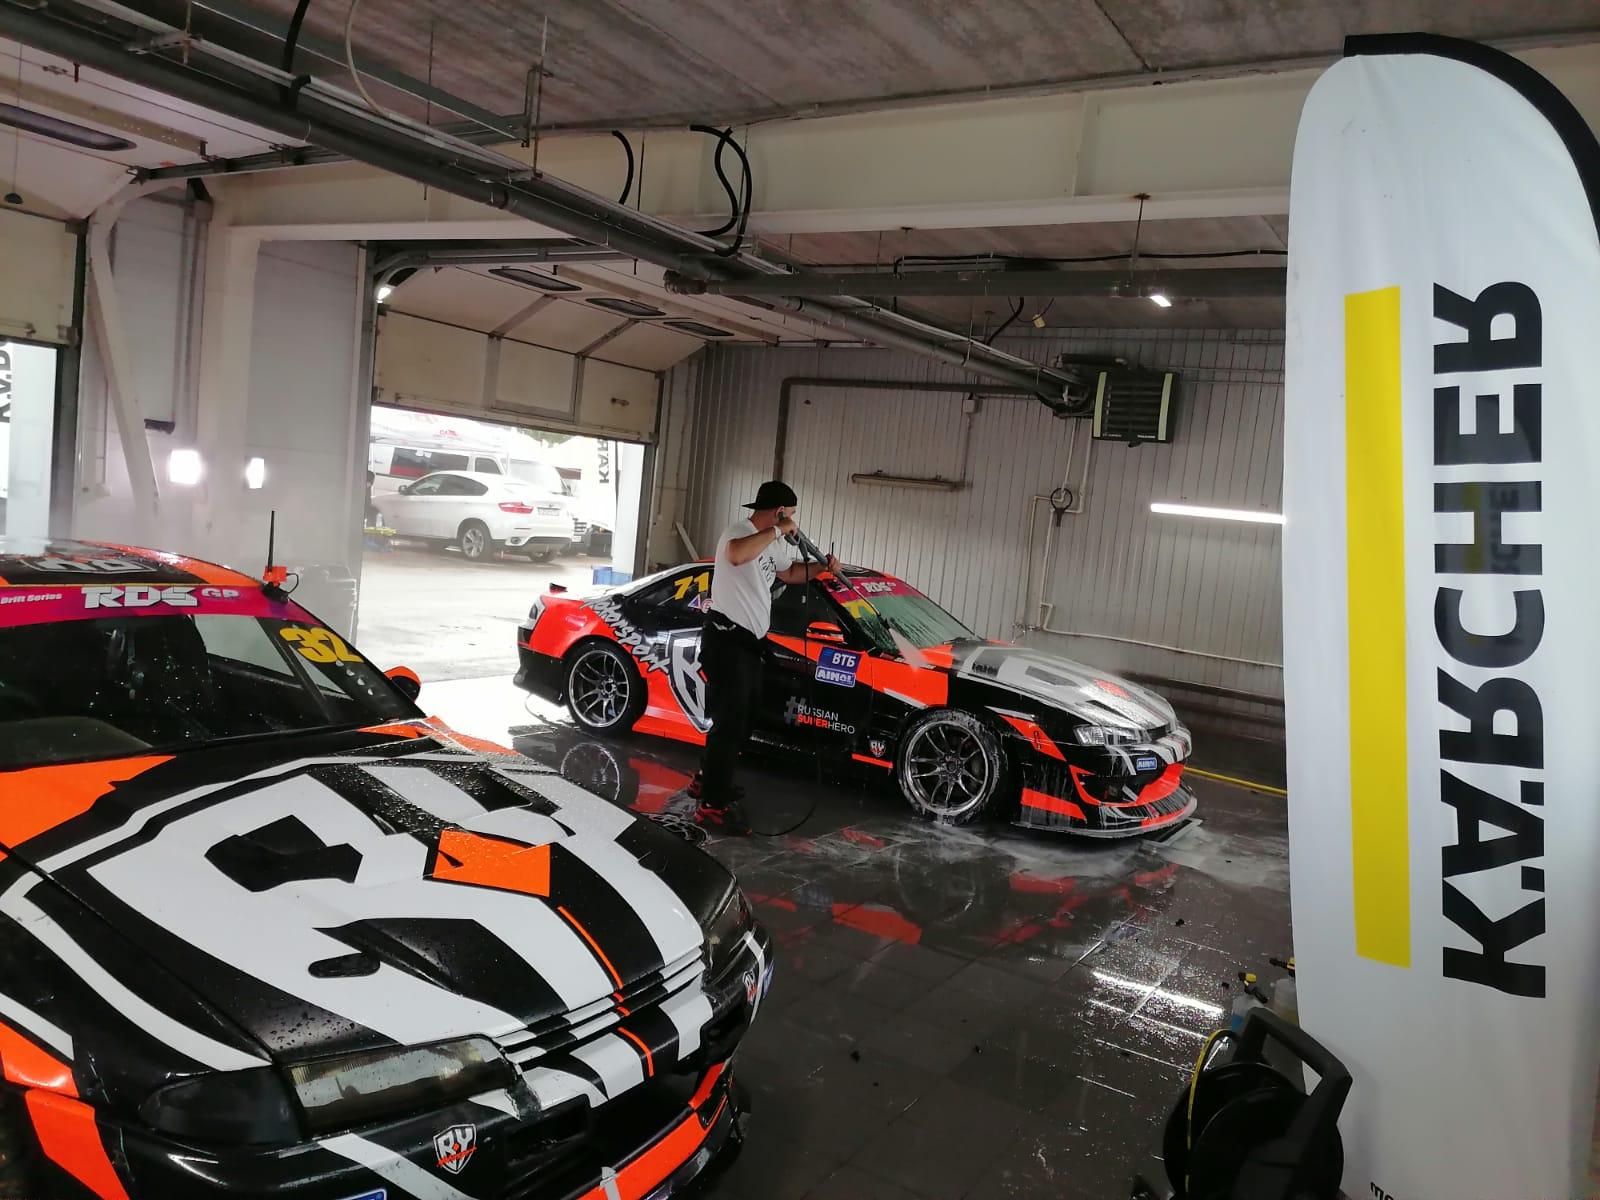 Скорость, мощь и драйв: «Керхер» – официальный технический партнер RDS GP